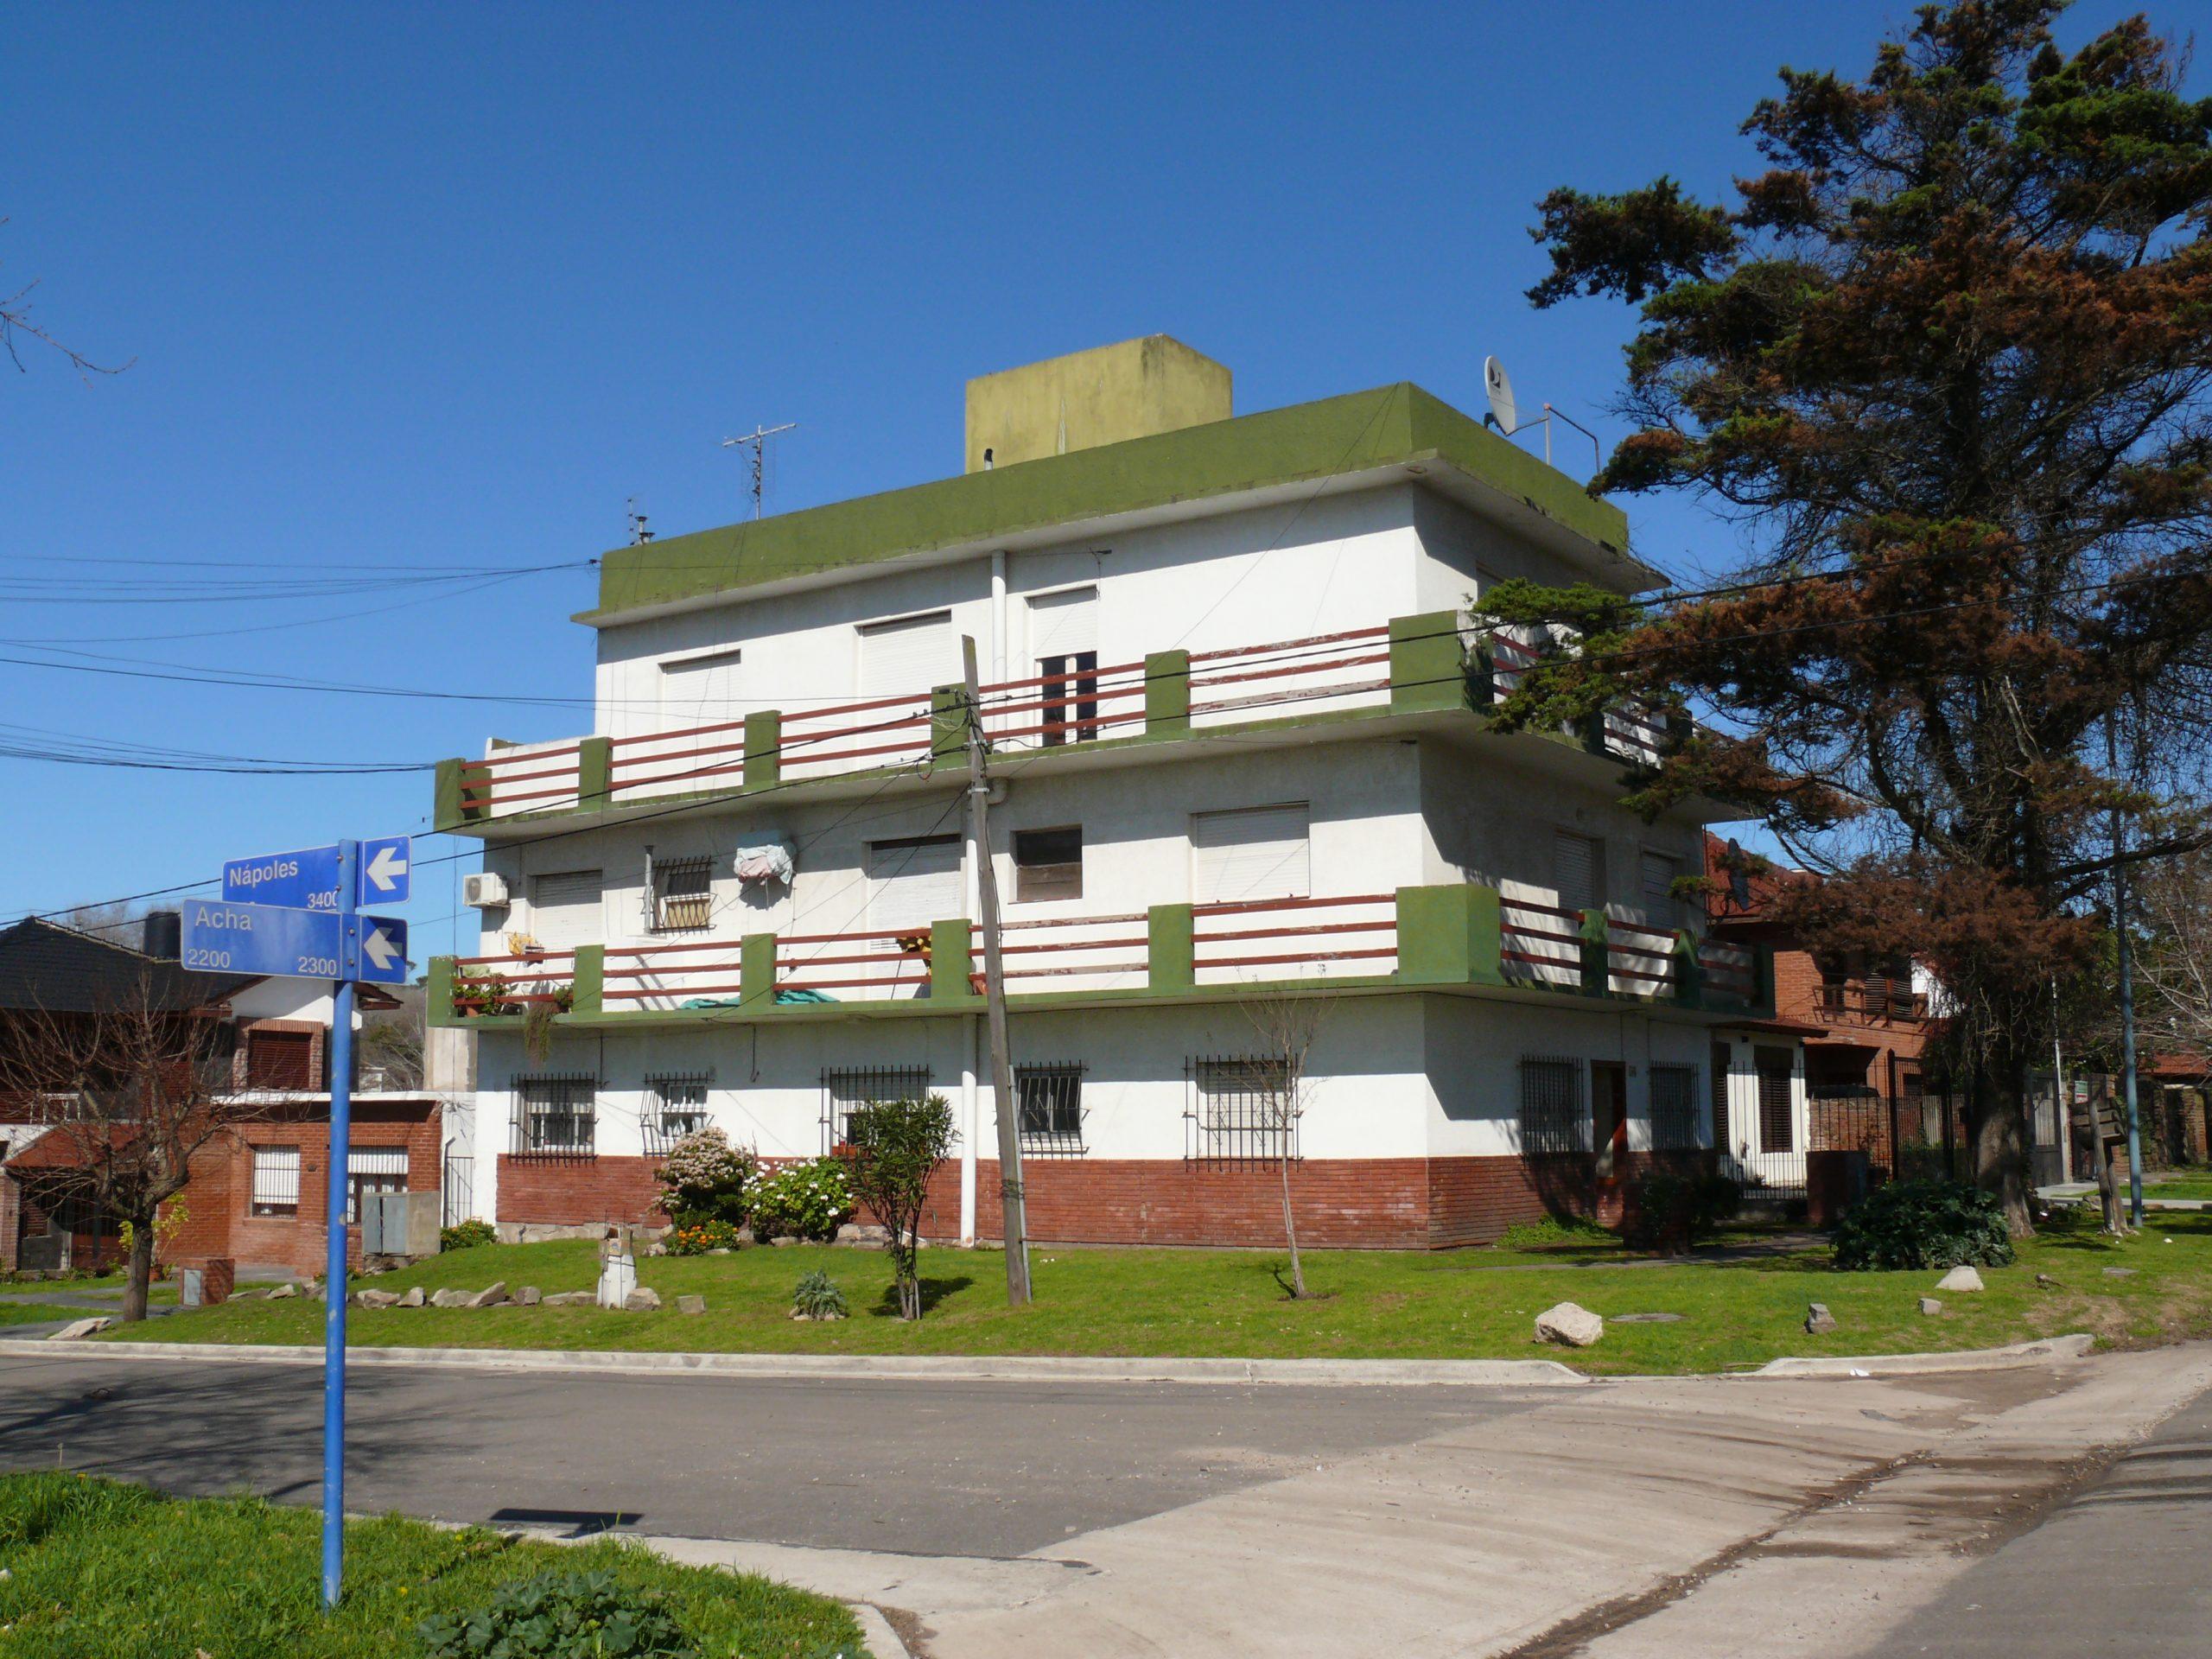 Acha 2300 –Departamento monoambiente – Colinas de P. Ramos